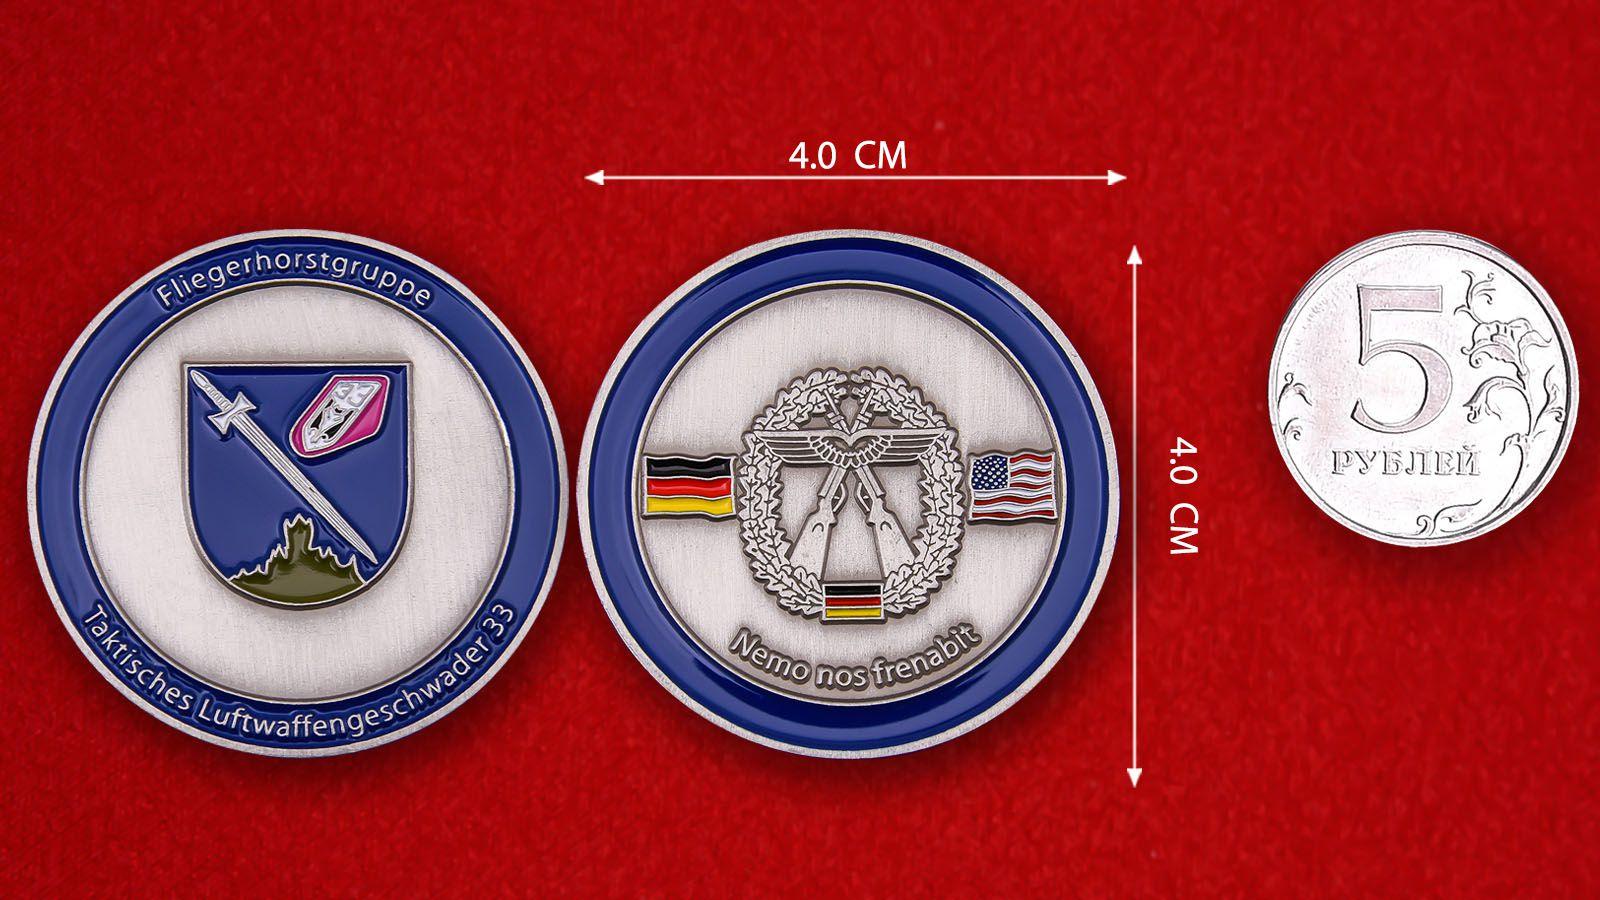 Челлендж коин 33-й тактической эскадрильи ВВС Германии - сравнительный размер